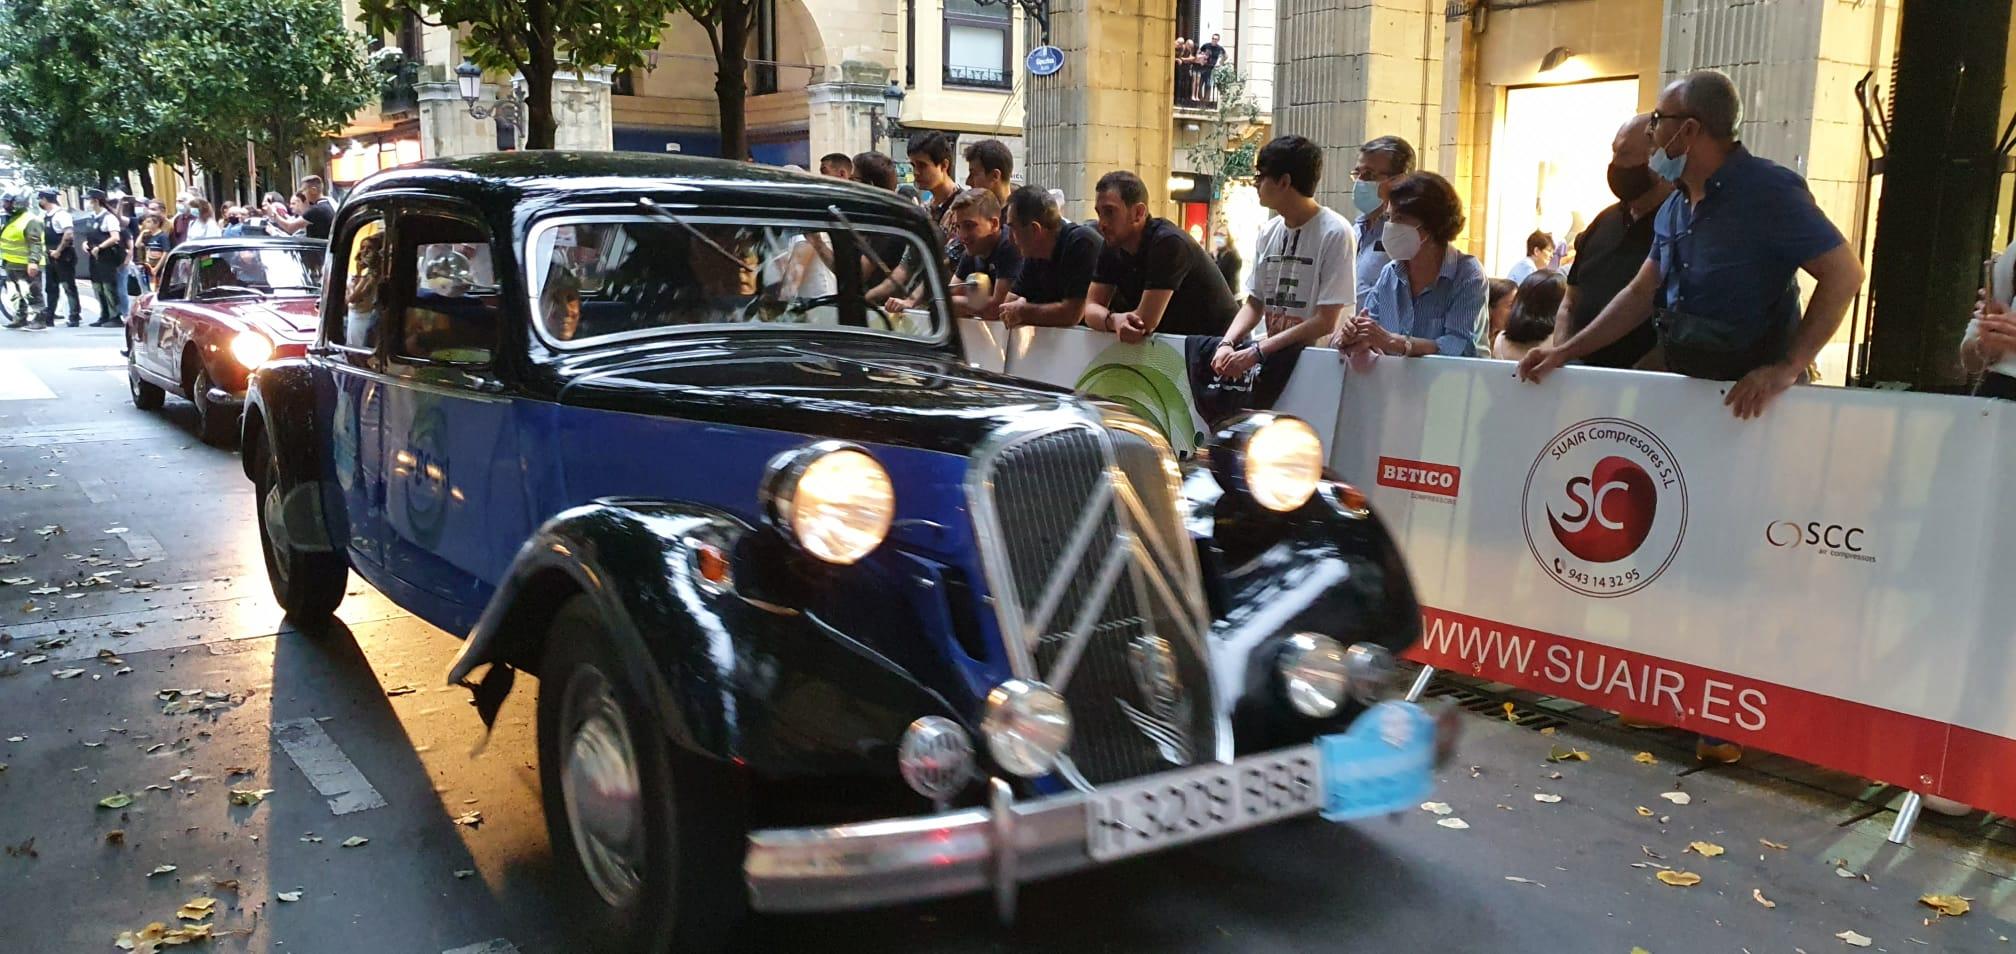 Alonso8 - Los coches con más glamour se han visto en Gipuzkoa